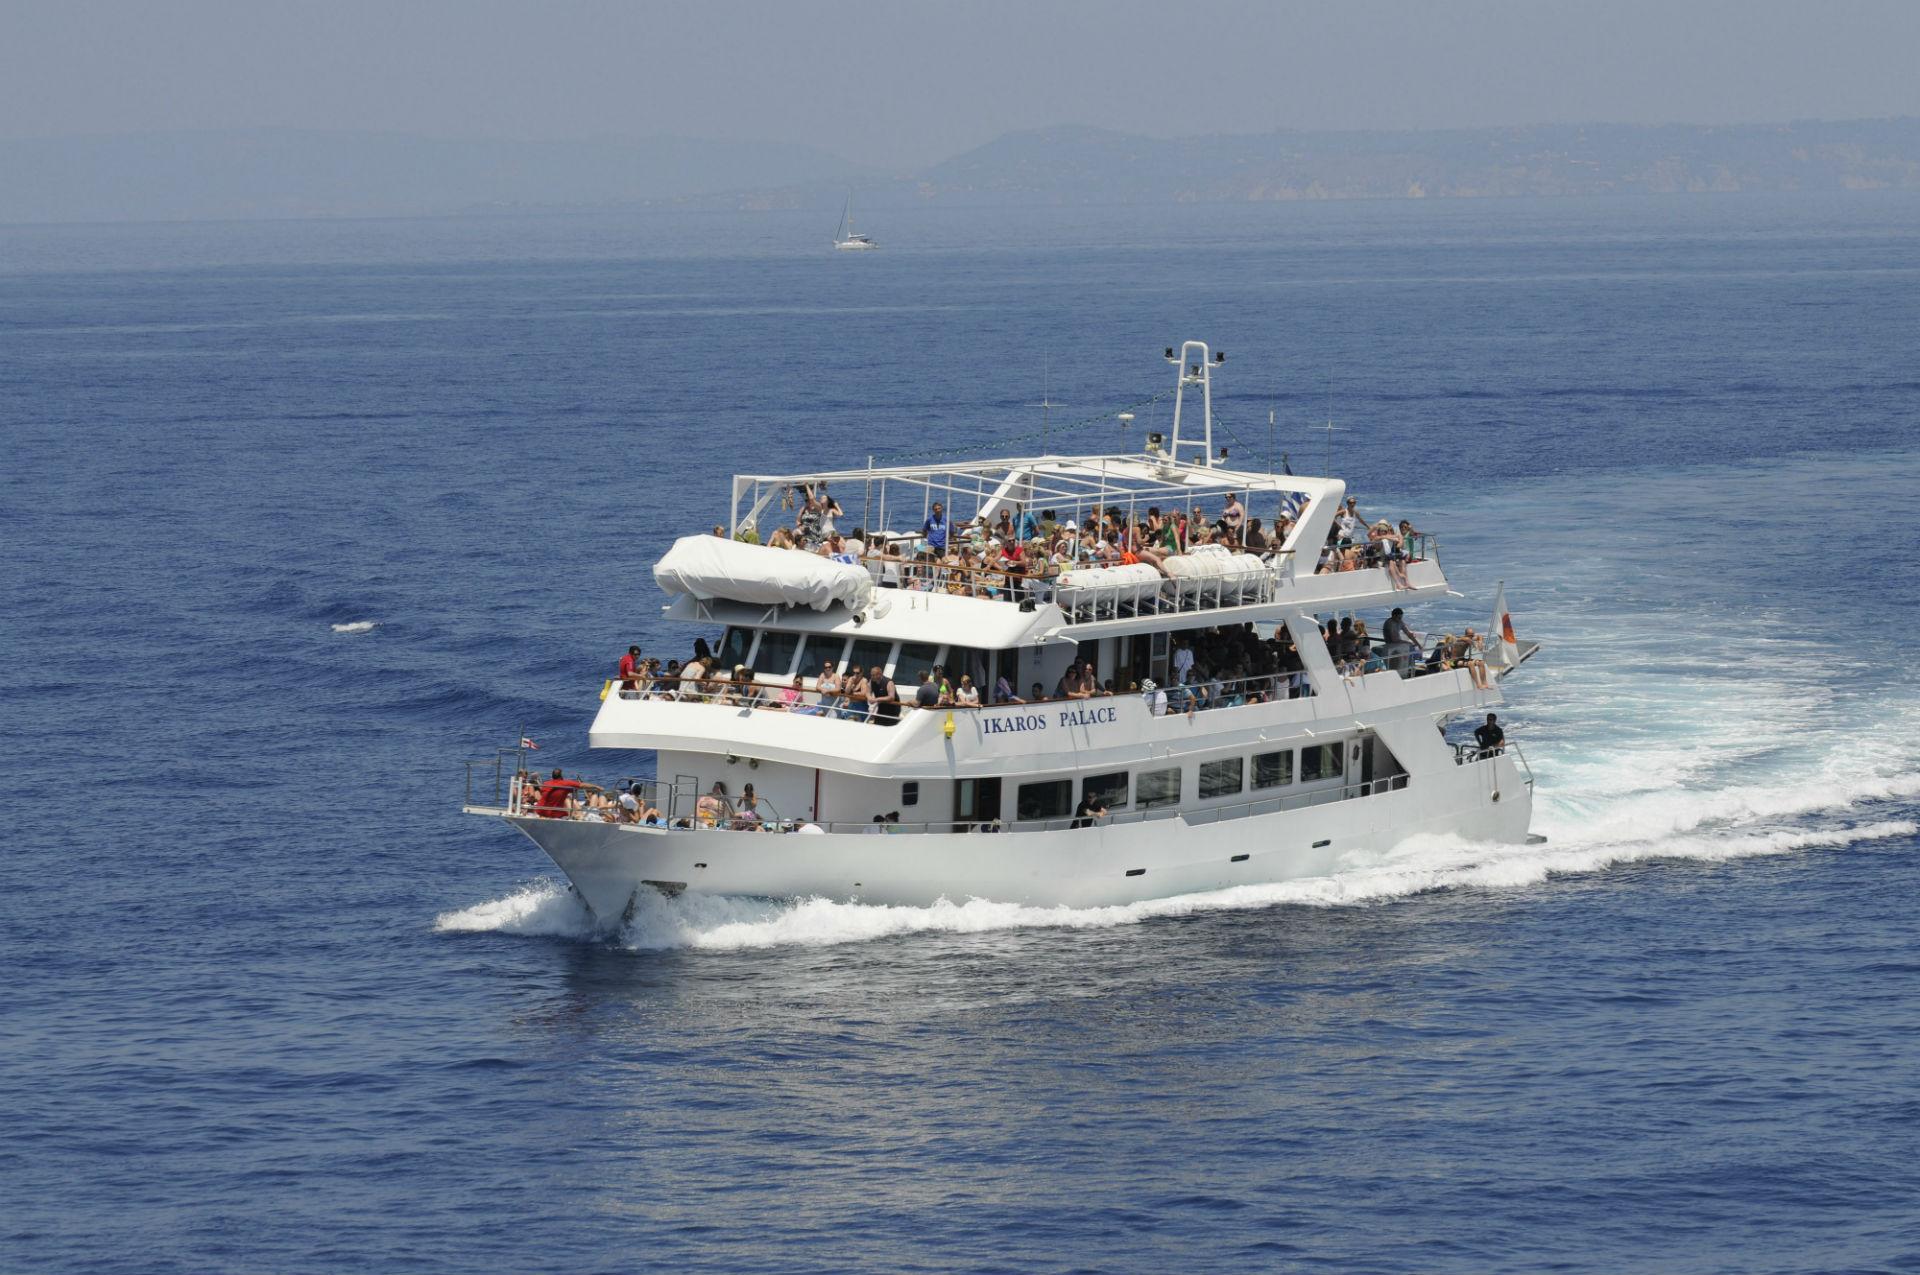 Ikaros Palace Zakynthos Daily Cruises Seven Islands Cruises Lefkas Cruises